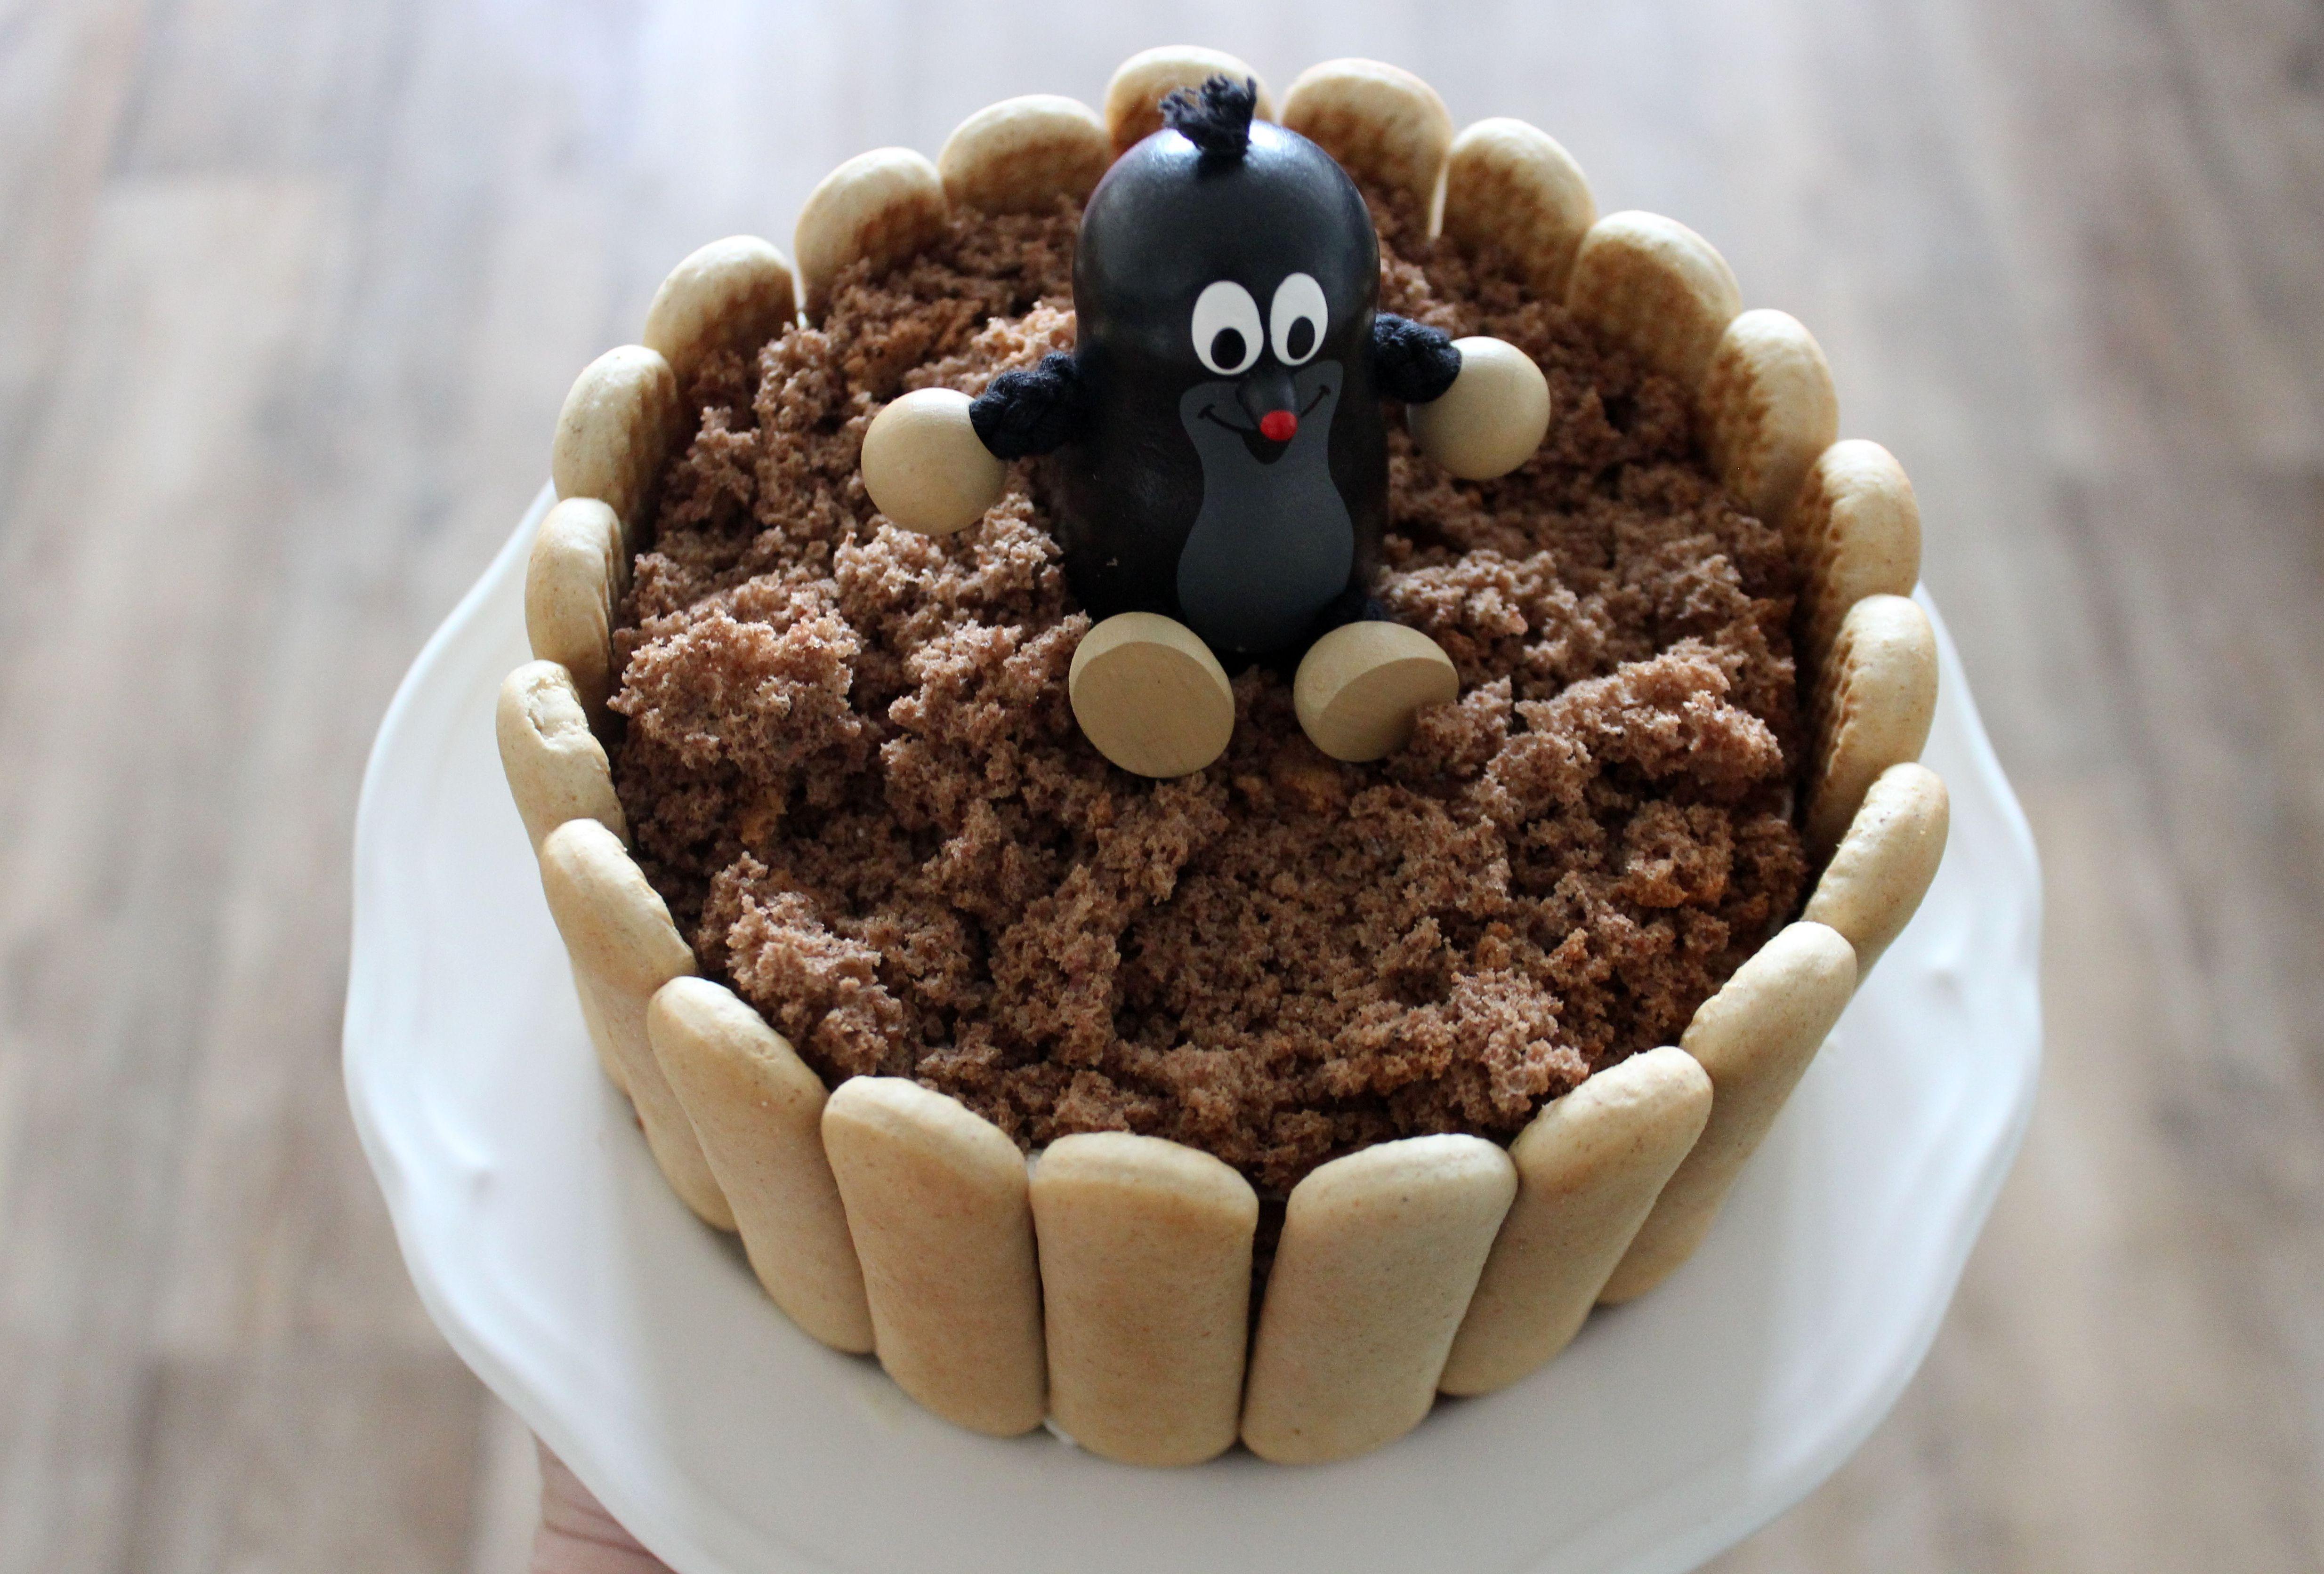 dětské dorty k narozeninám recepty RECEPT: narozeninový dort pro roční dítě k prvním narozeninám  dětské dorty k narozeninám recepty